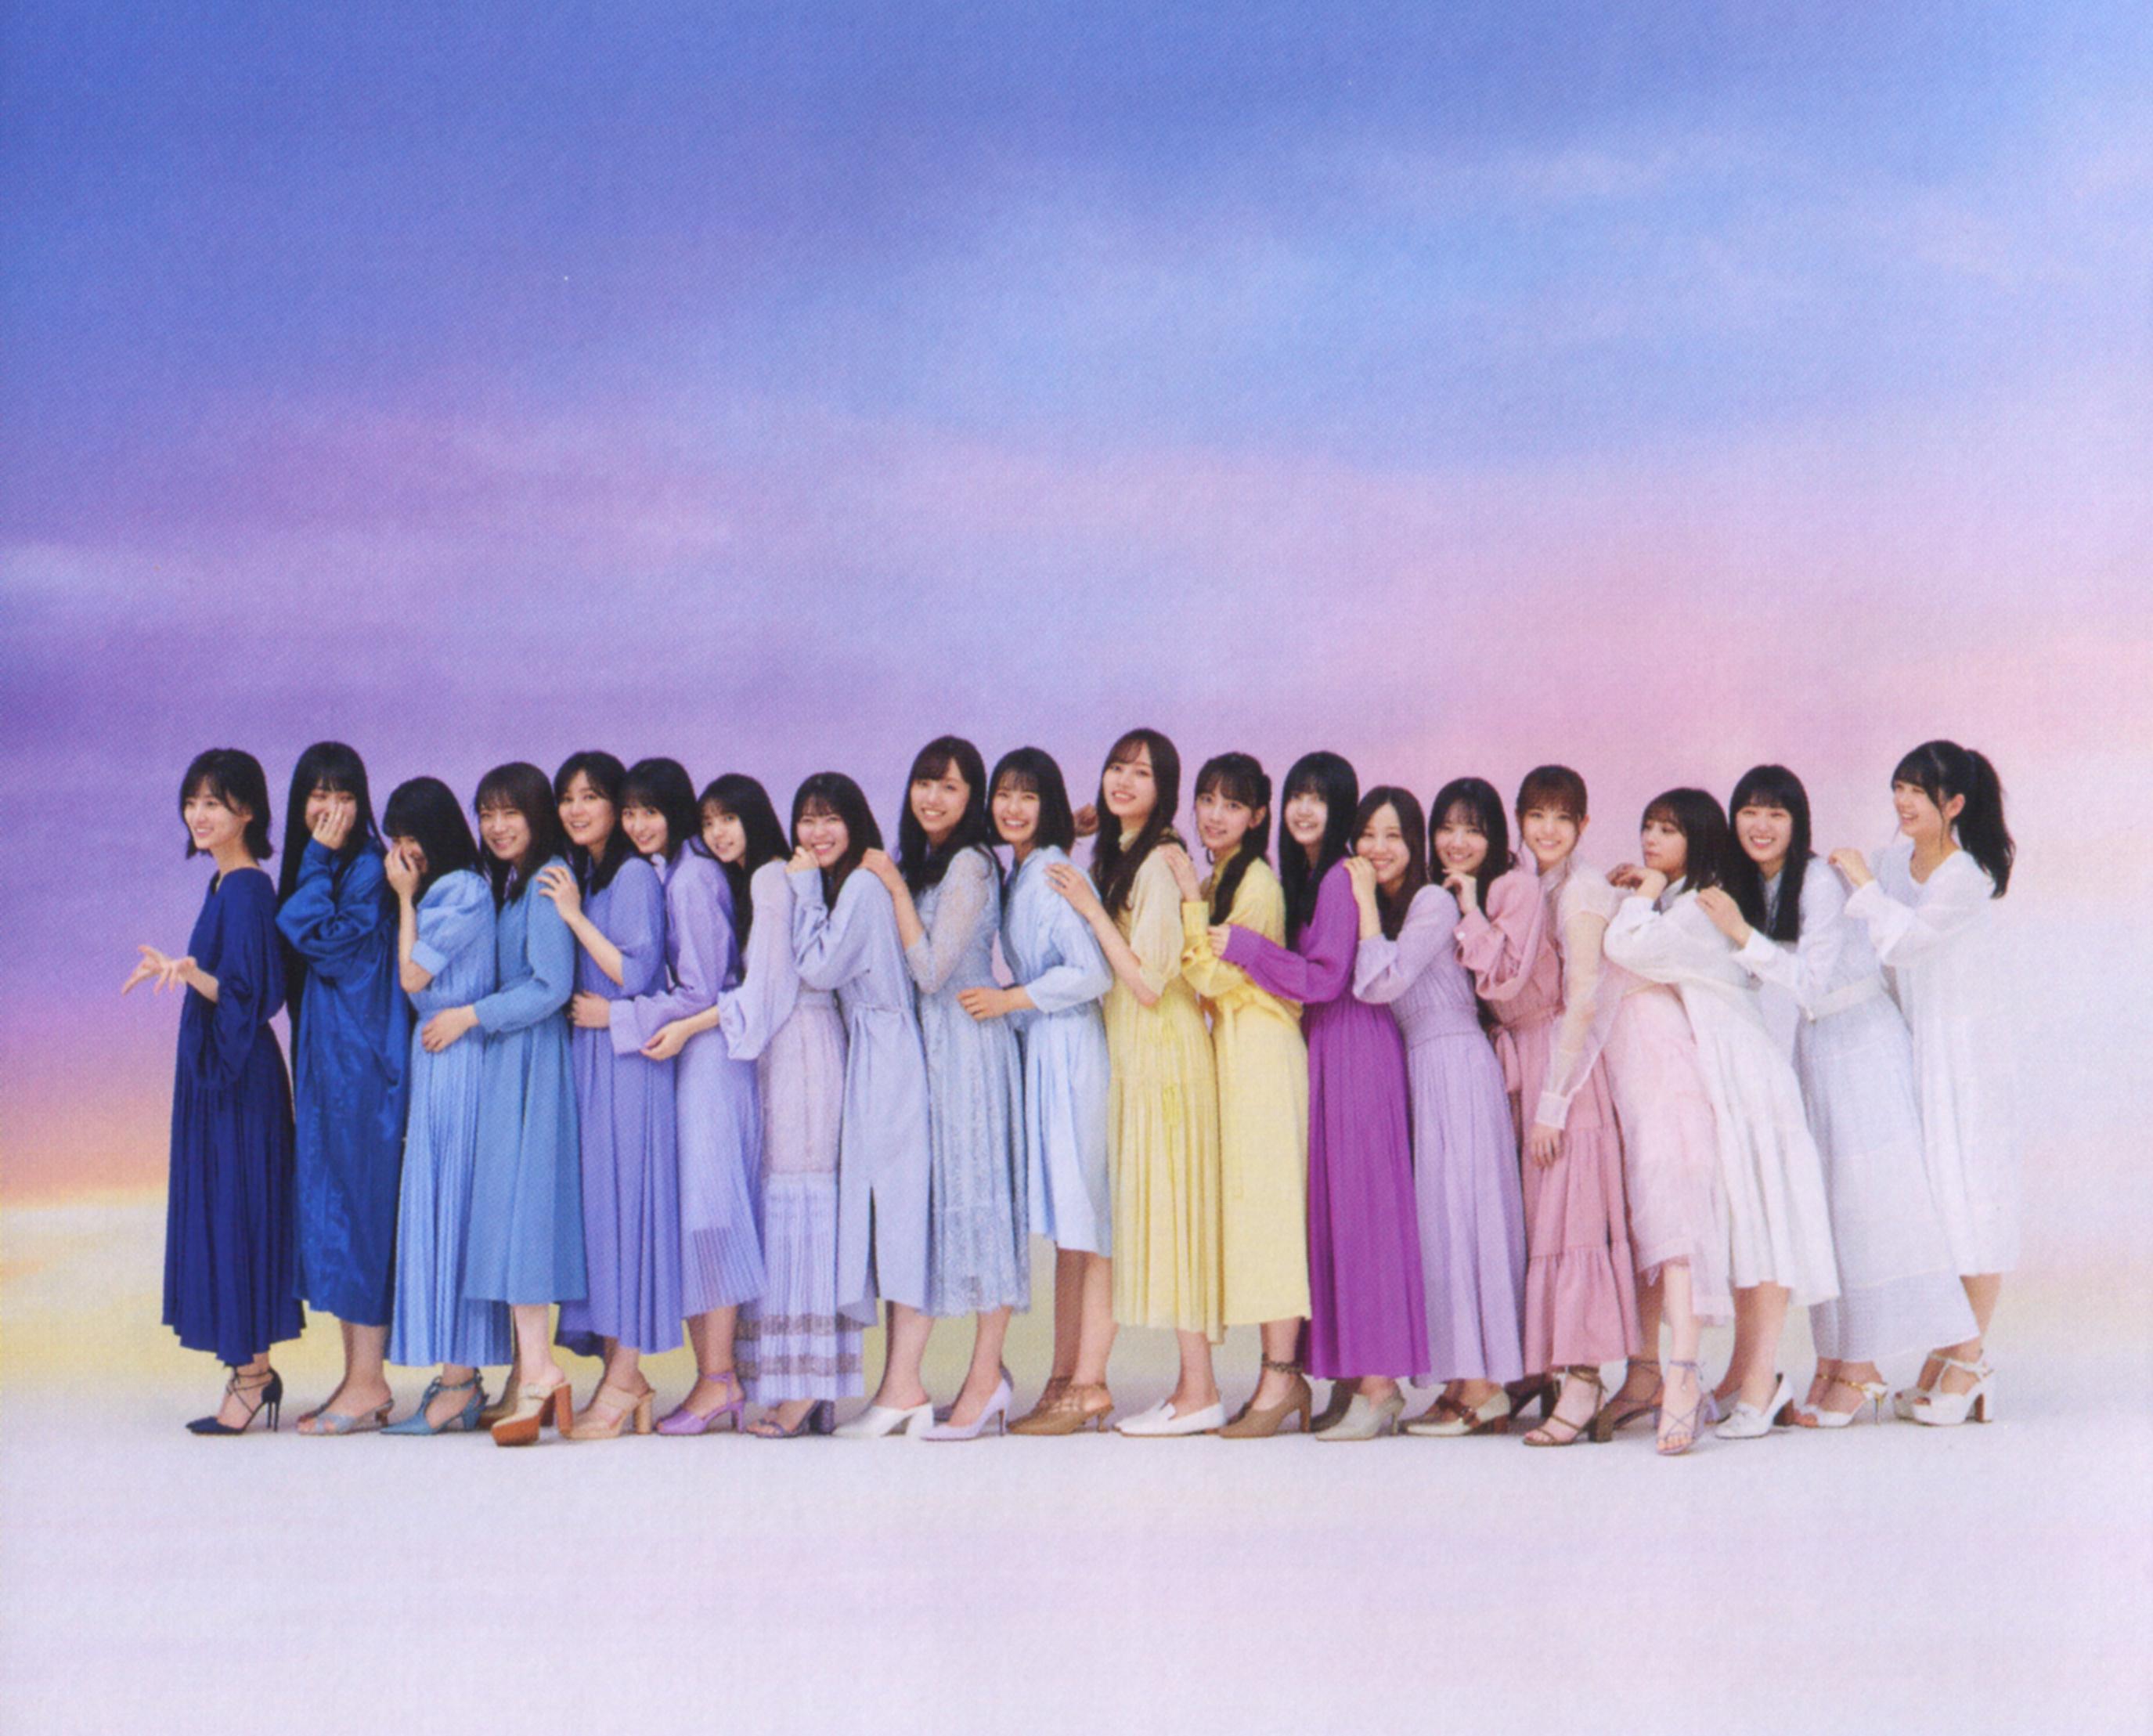 坂道系大合集第26弹女星妹子山下美月、早川圣来插图